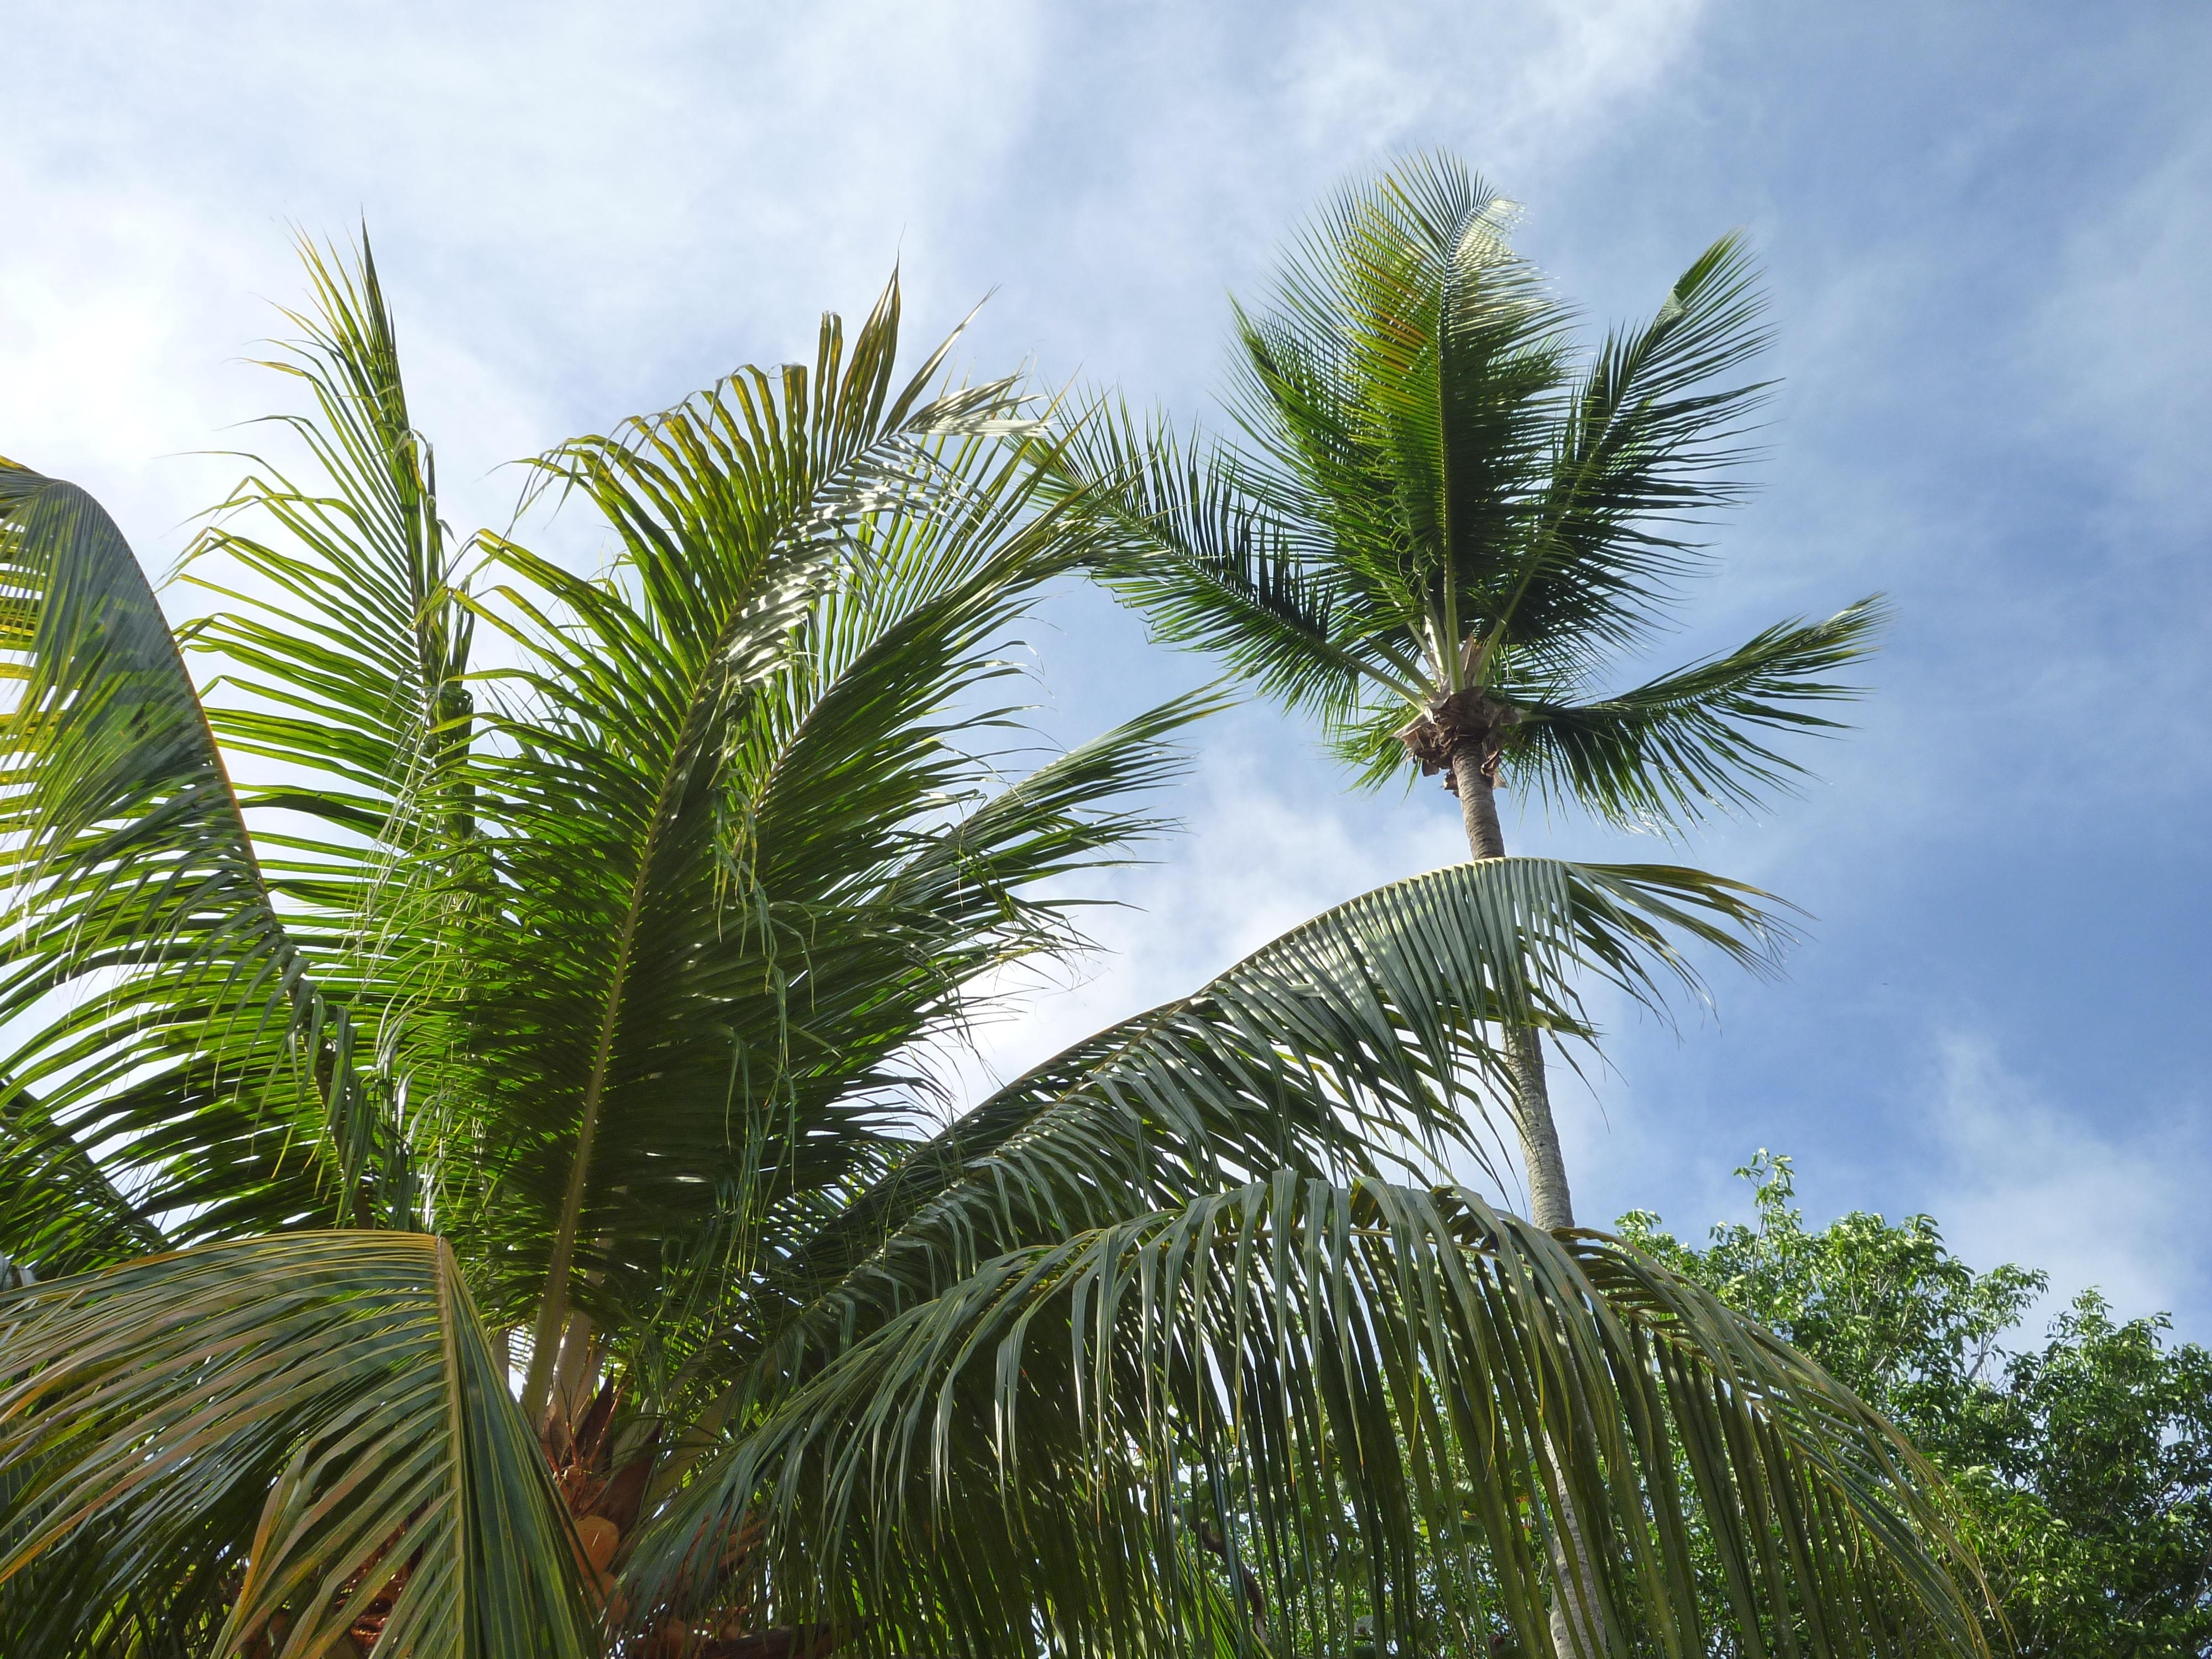 фото папоротники пальмы бетон, необработанный материал